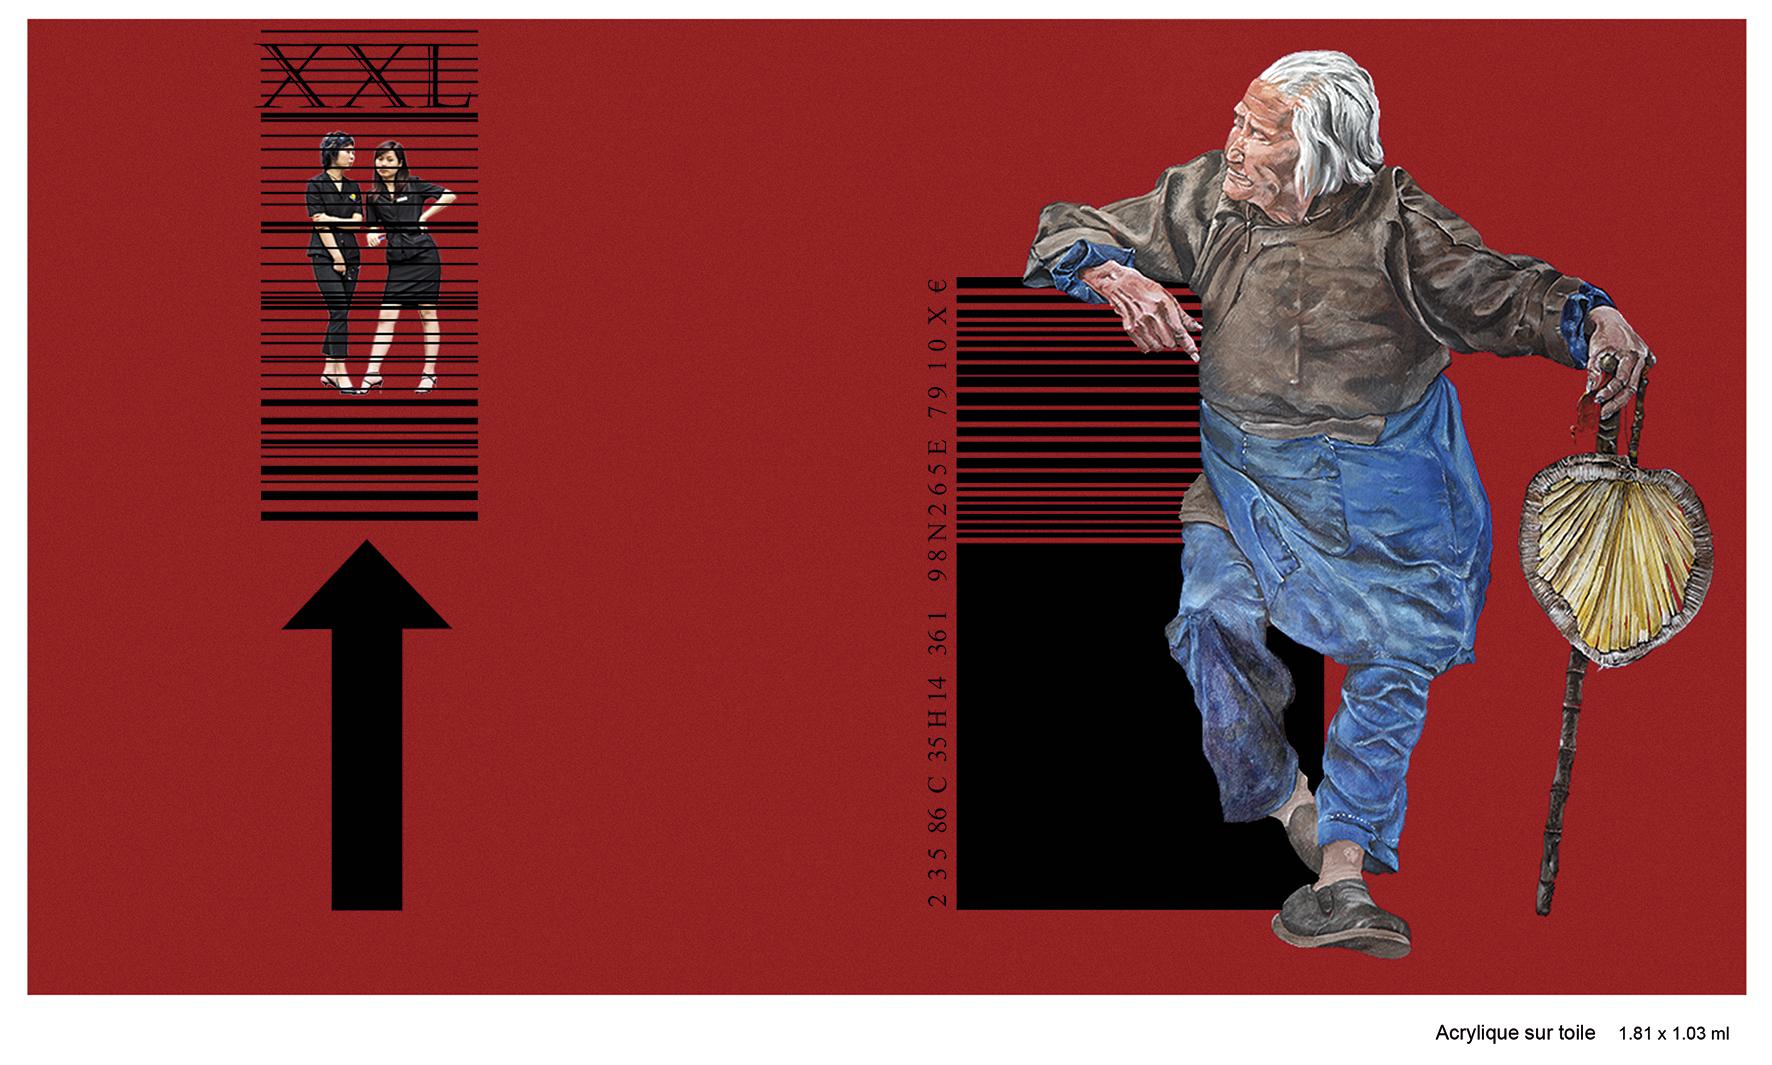 Expositie 'L'art en humanité' van Jacques Blancher